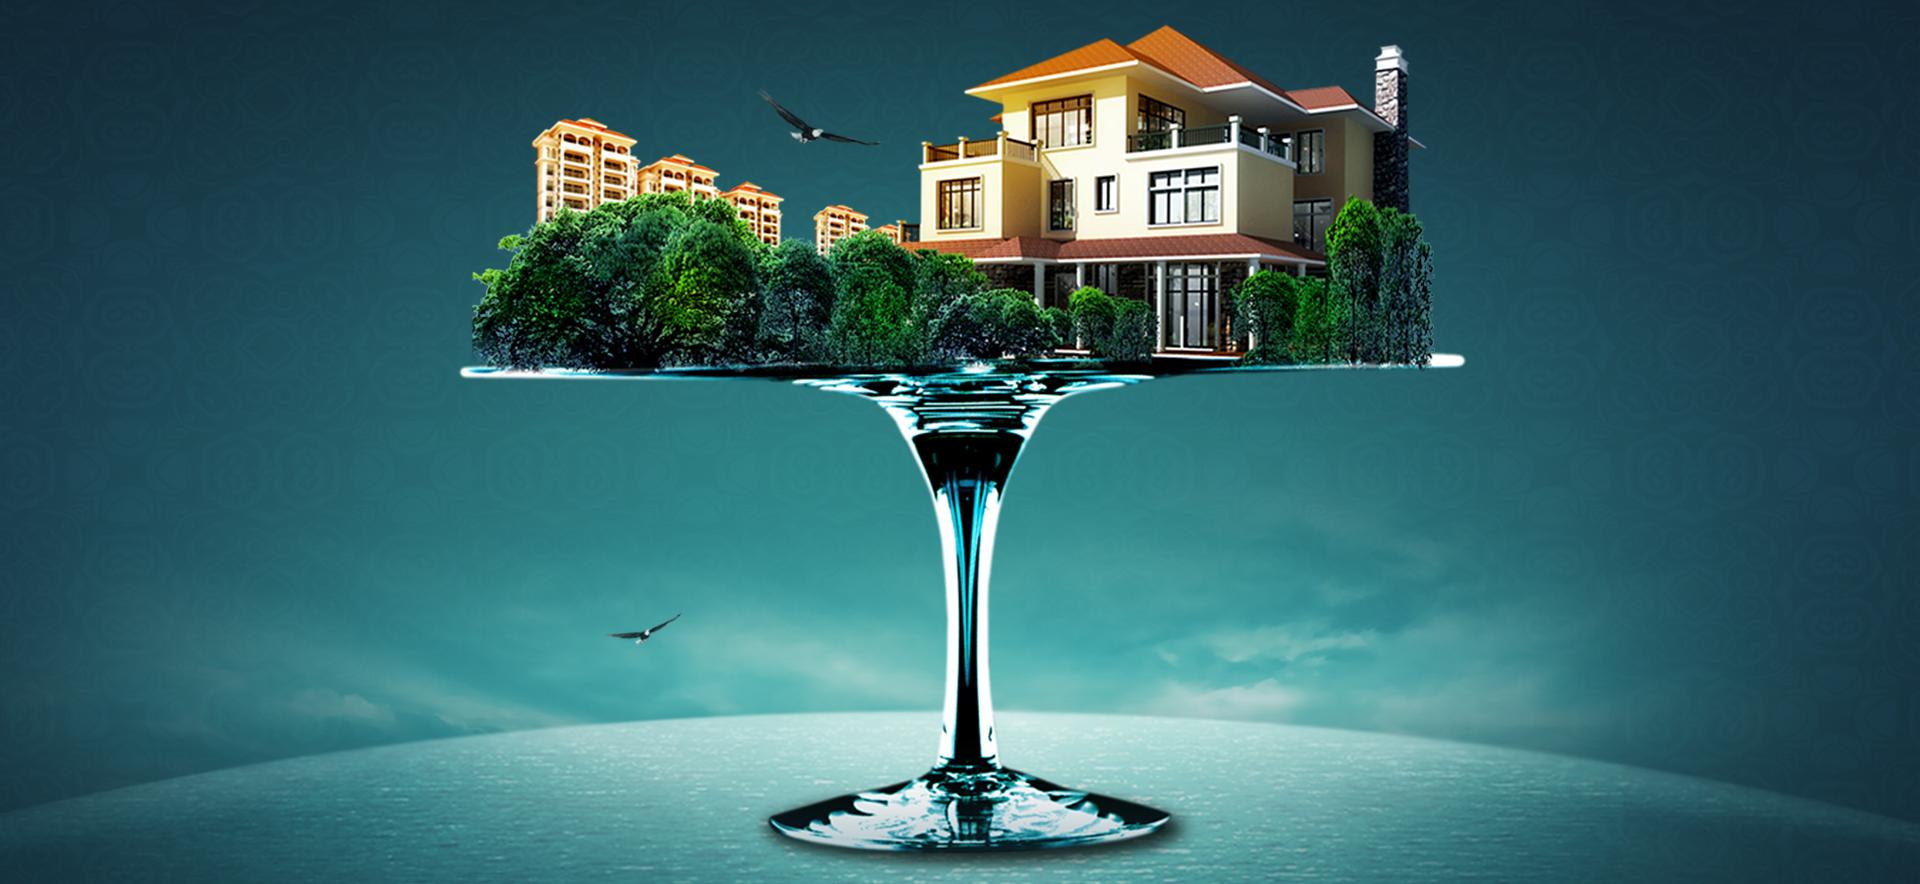 villa real estate advertisement psd image  dm  leaflets  villa background image for free download